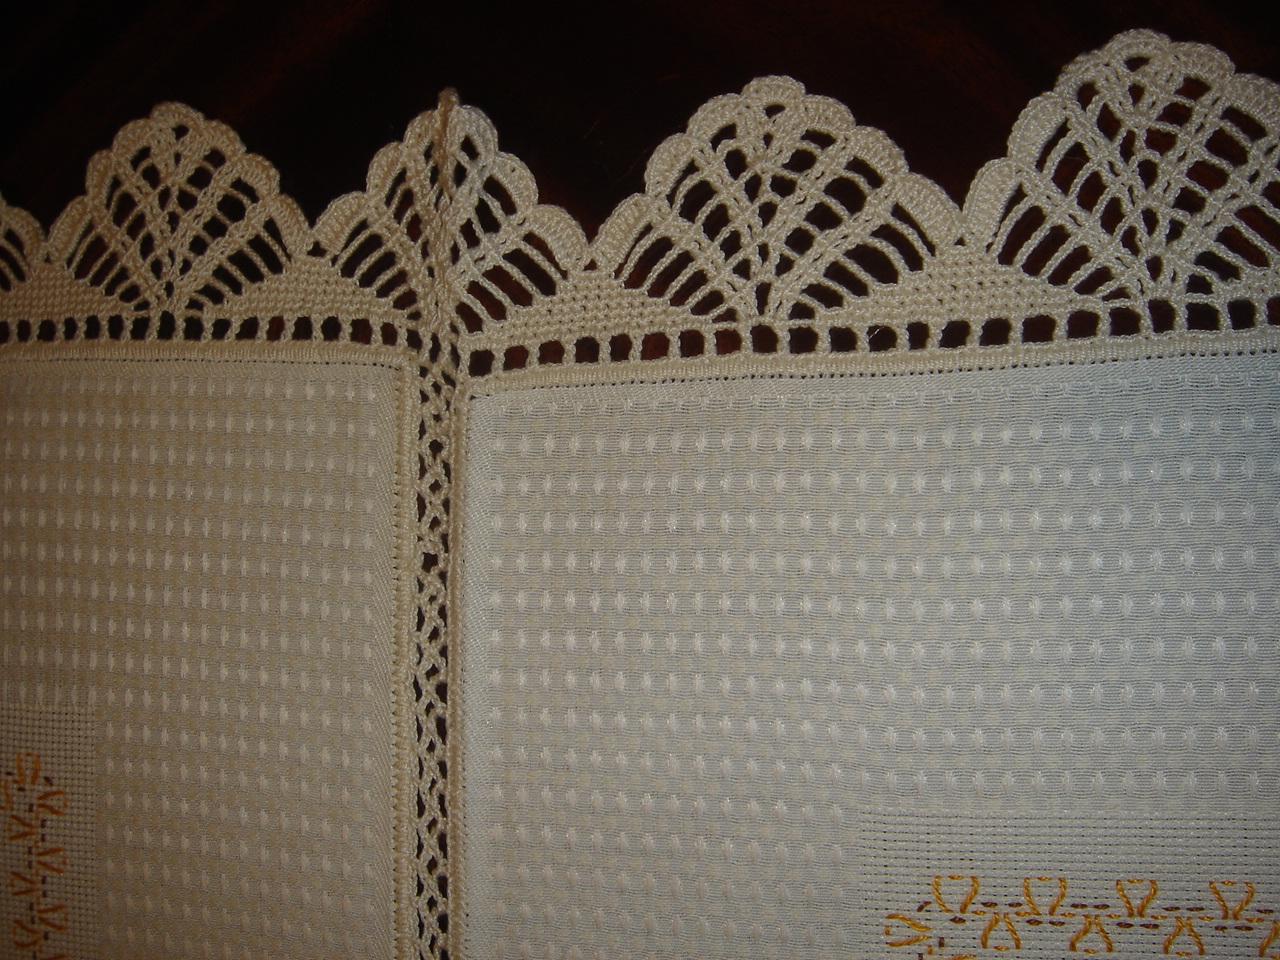 pormenos da união dos panos, bordado e renda à volta da toalha.